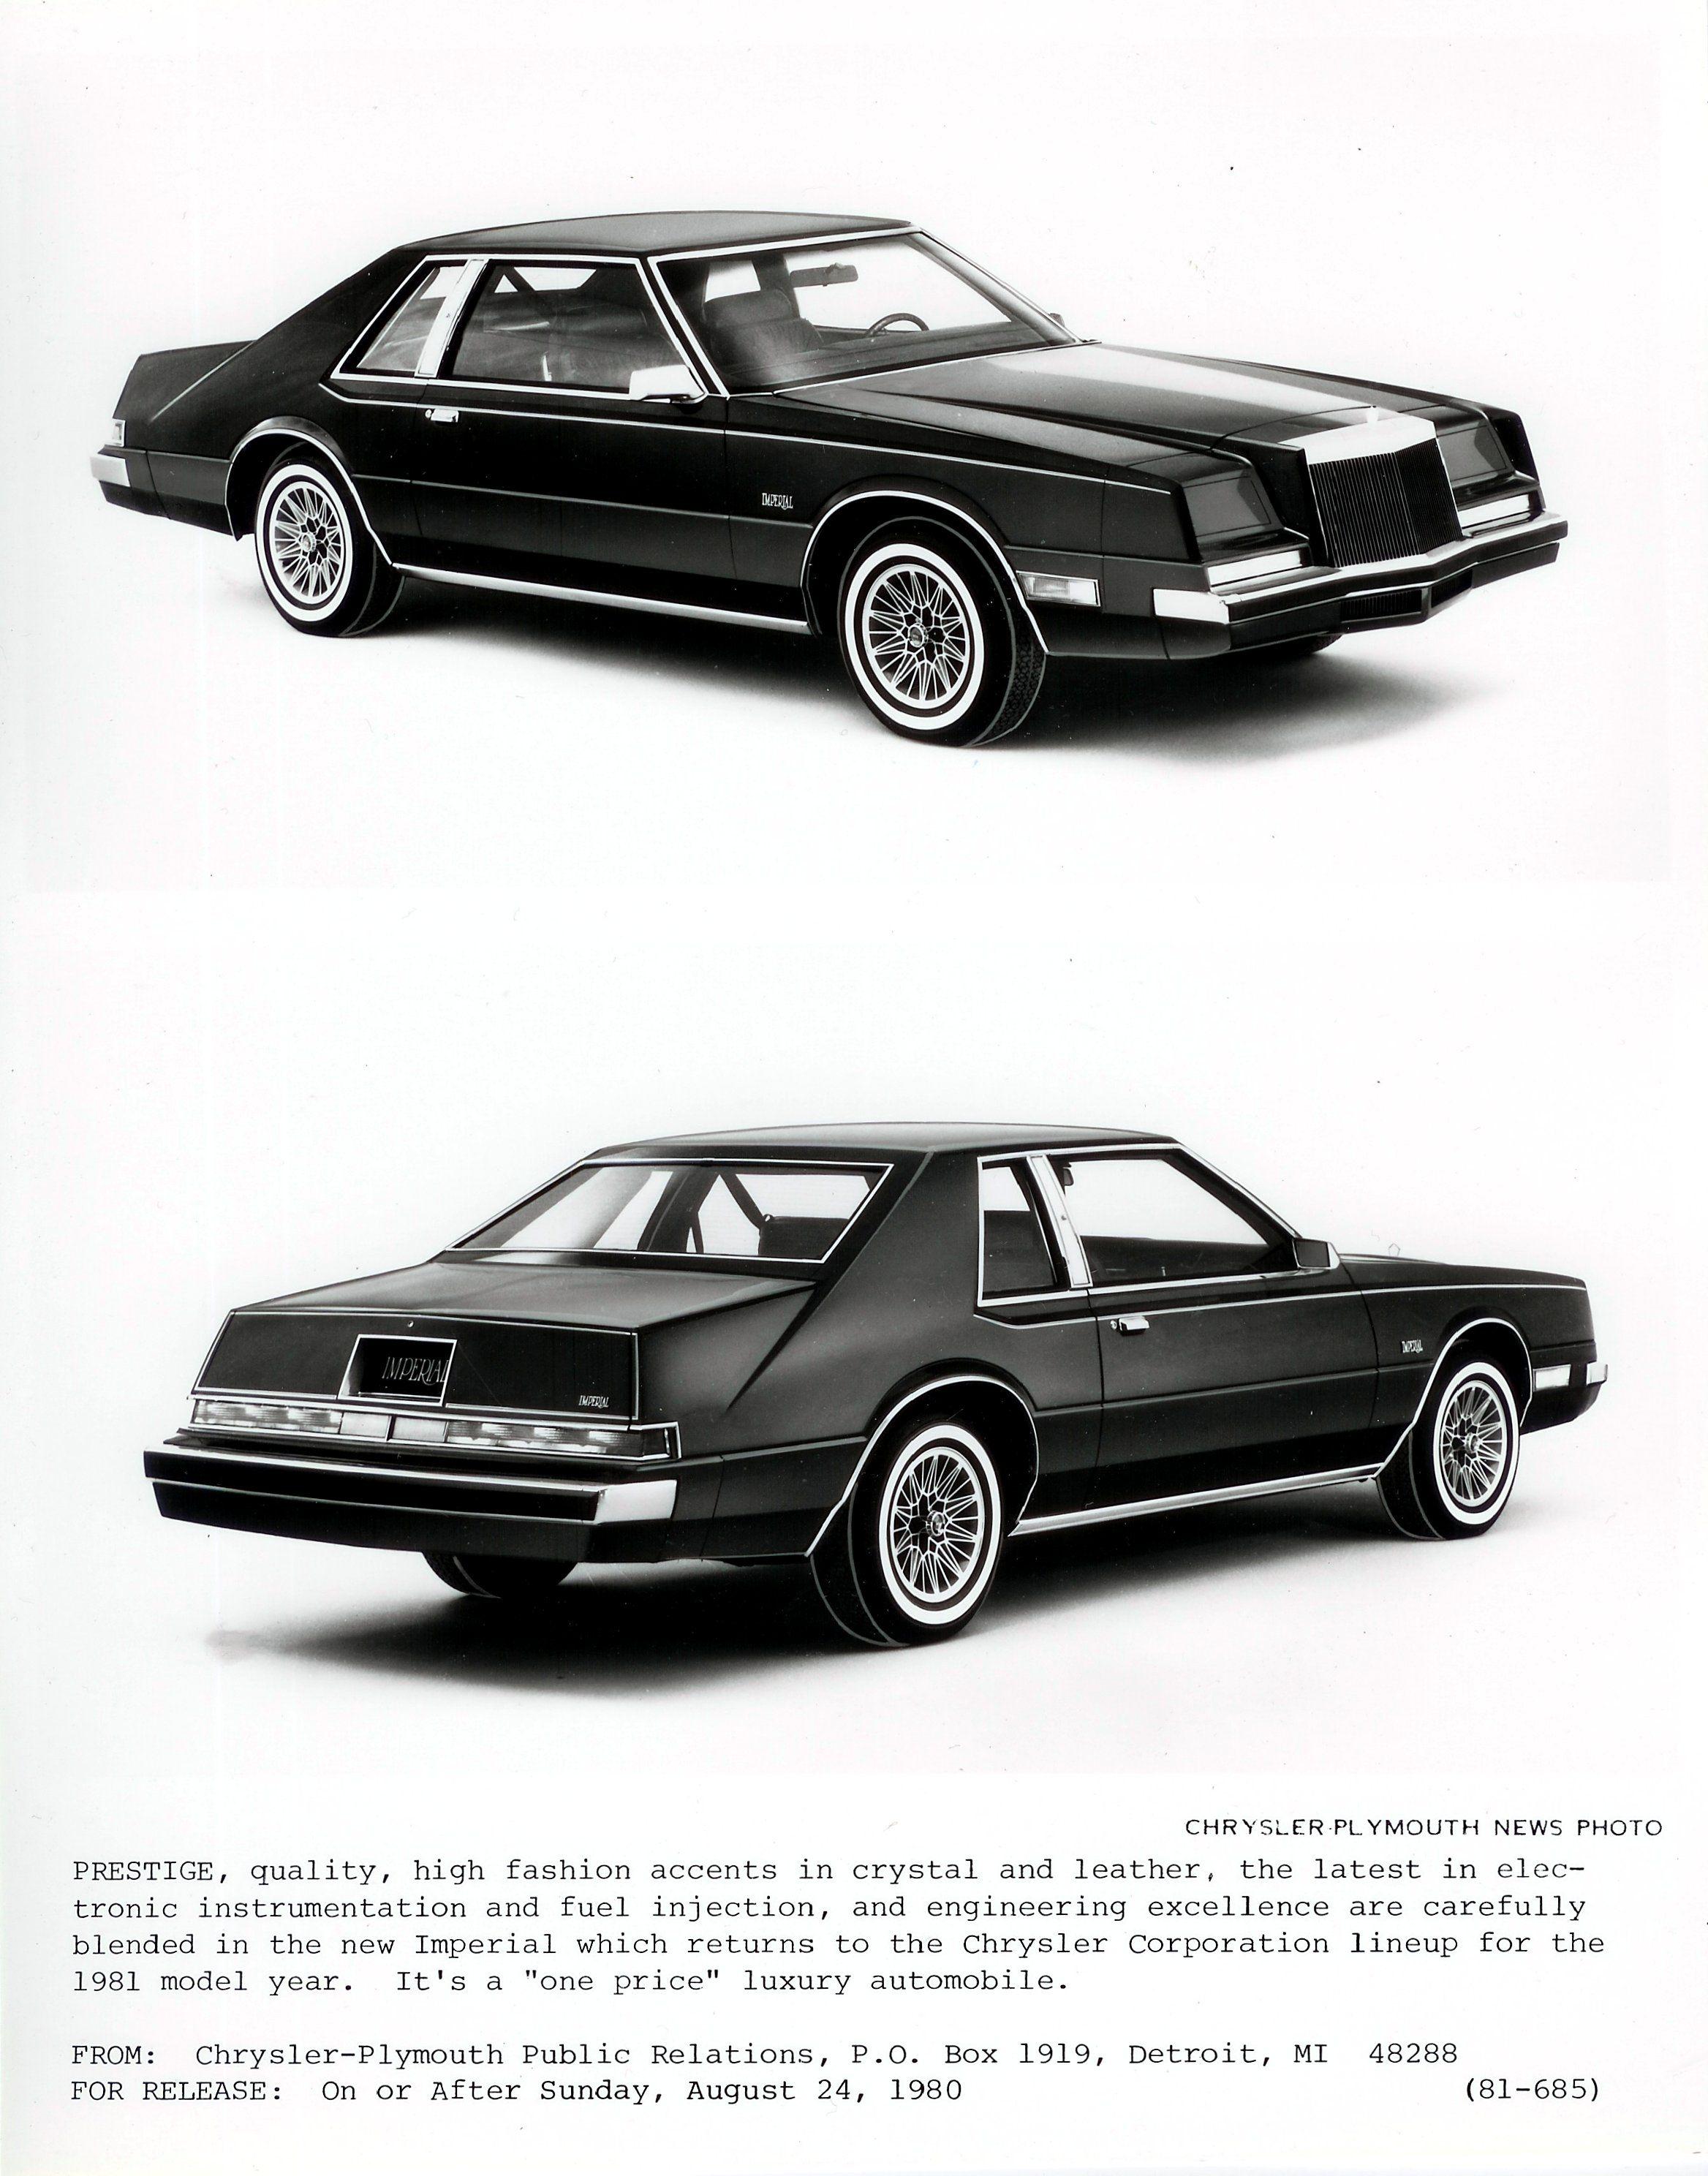 1982 Chrysler Imperial Press Release V2 Chrysler Cars Hot Rods Cars Muscle Chrysler Imperial